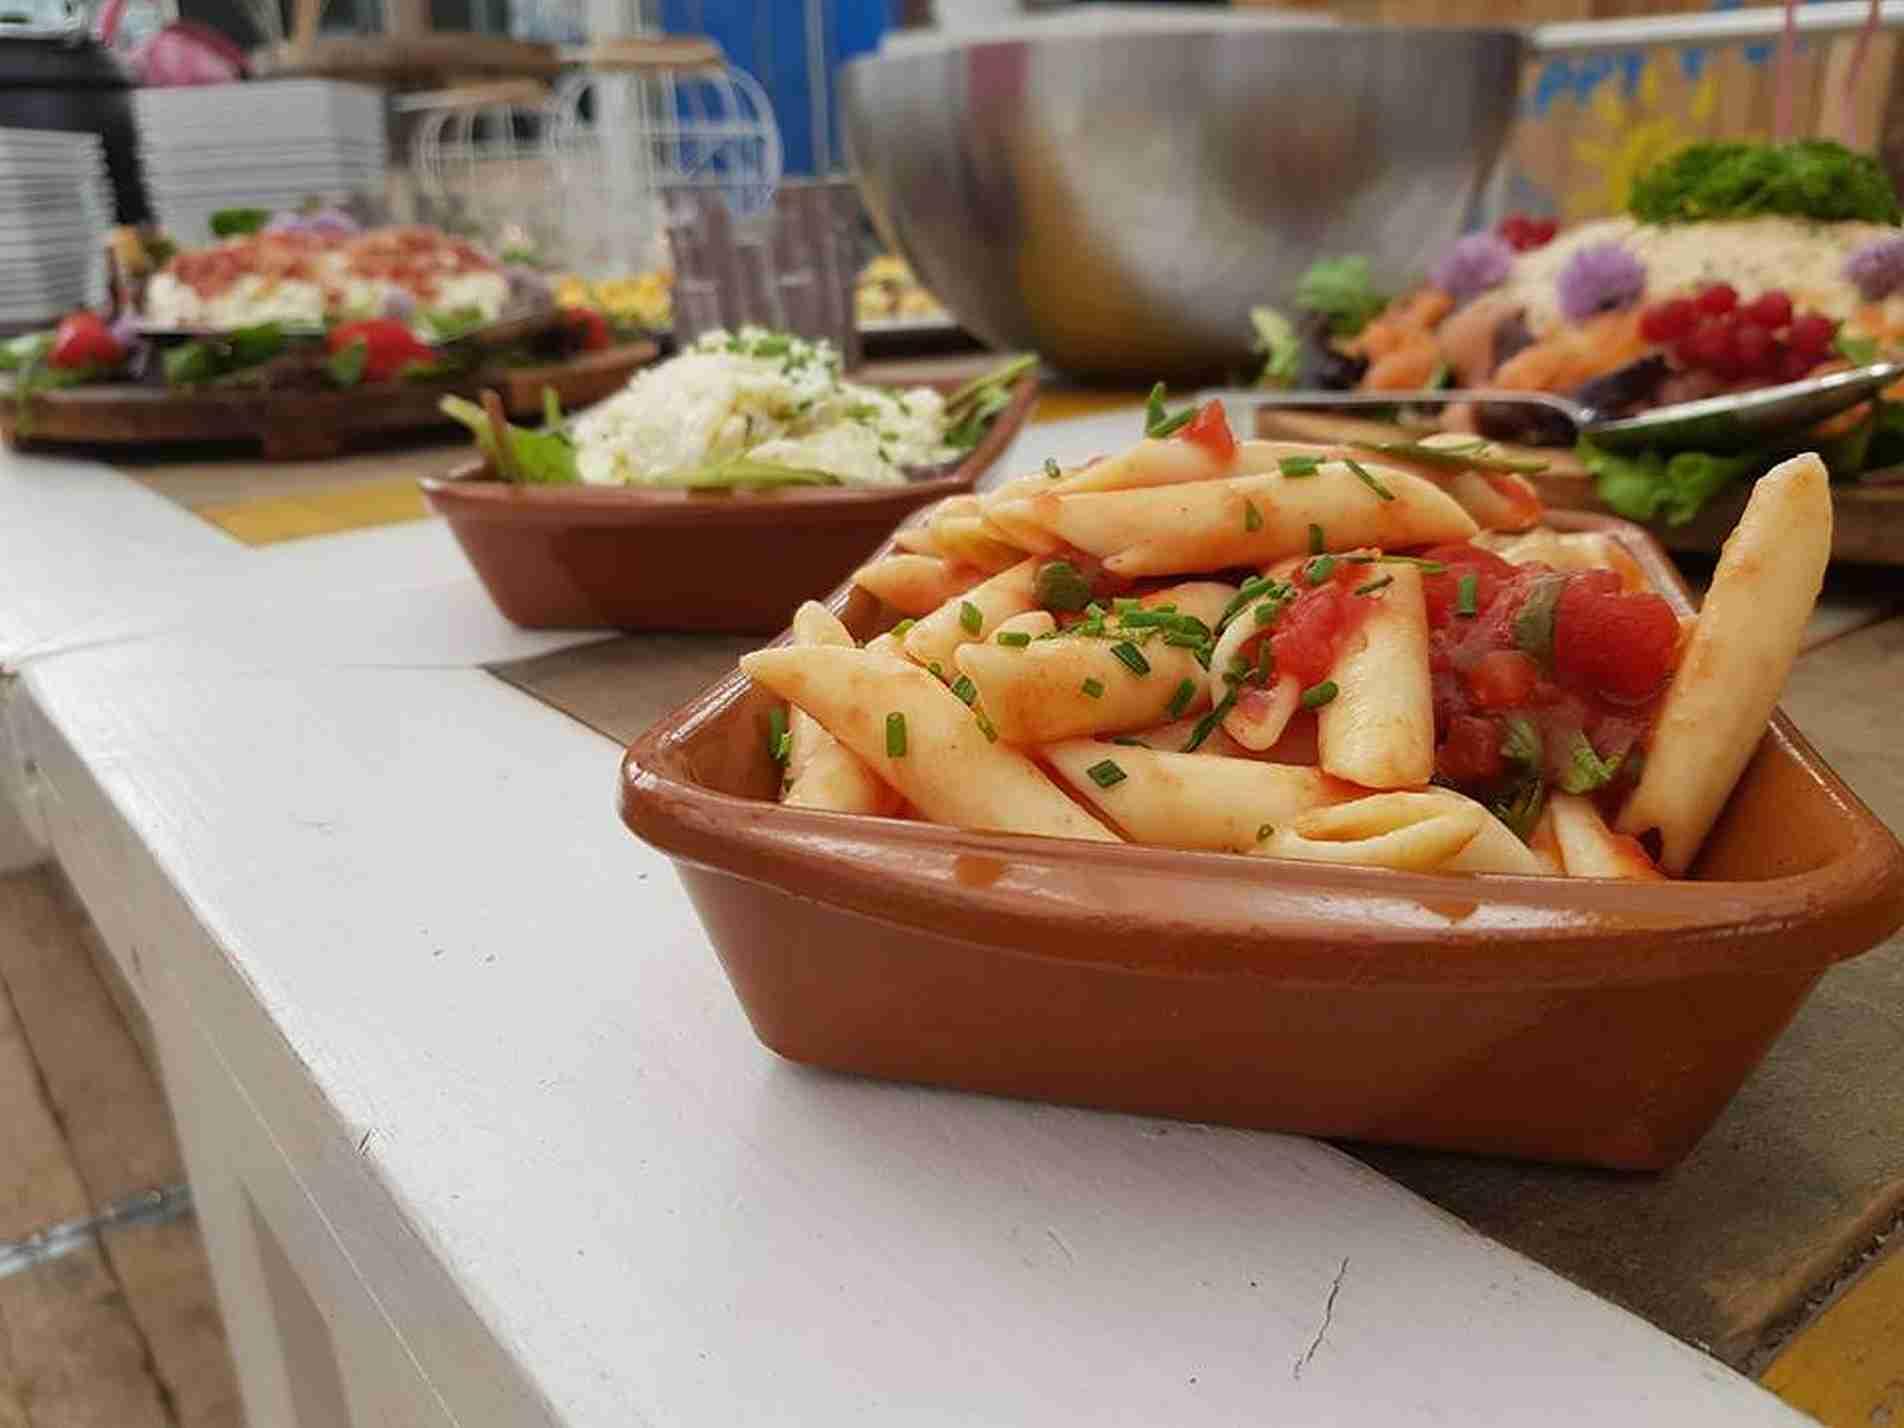 Feesten en partijen in Overijssel met een strandbelevenis - Feesten en partijen in prachtig overijssel